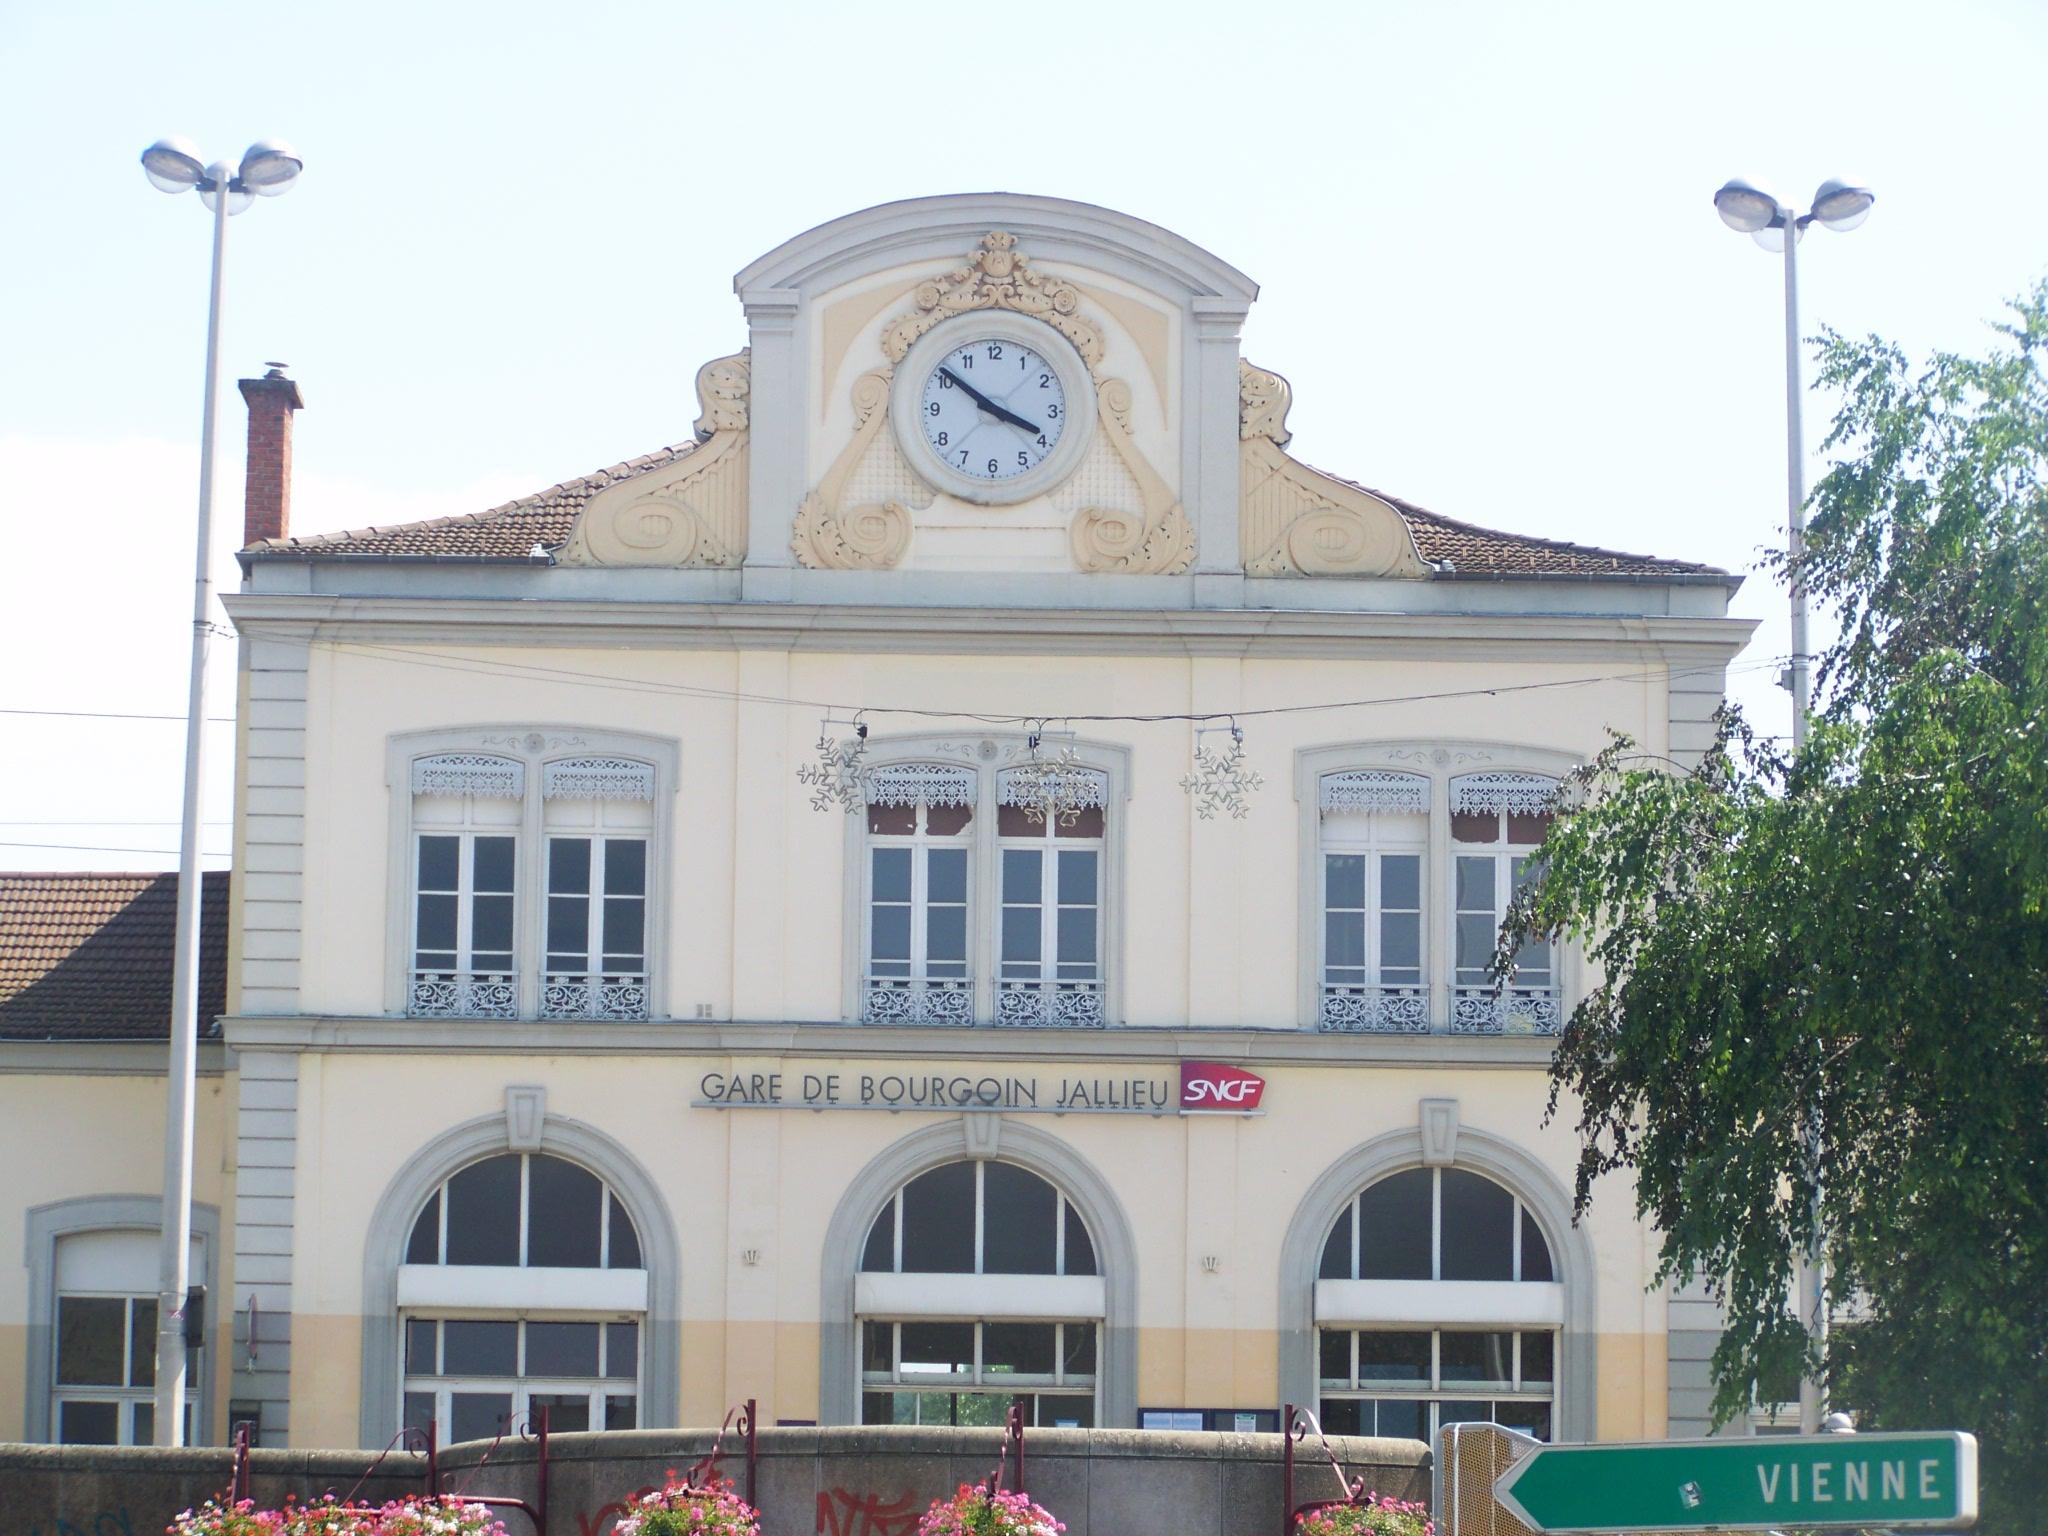 Bourgoin-Jallieu France  city photos gallery : Fichier:Gare de Bourgoin Jallieu 38 — Wikipédia